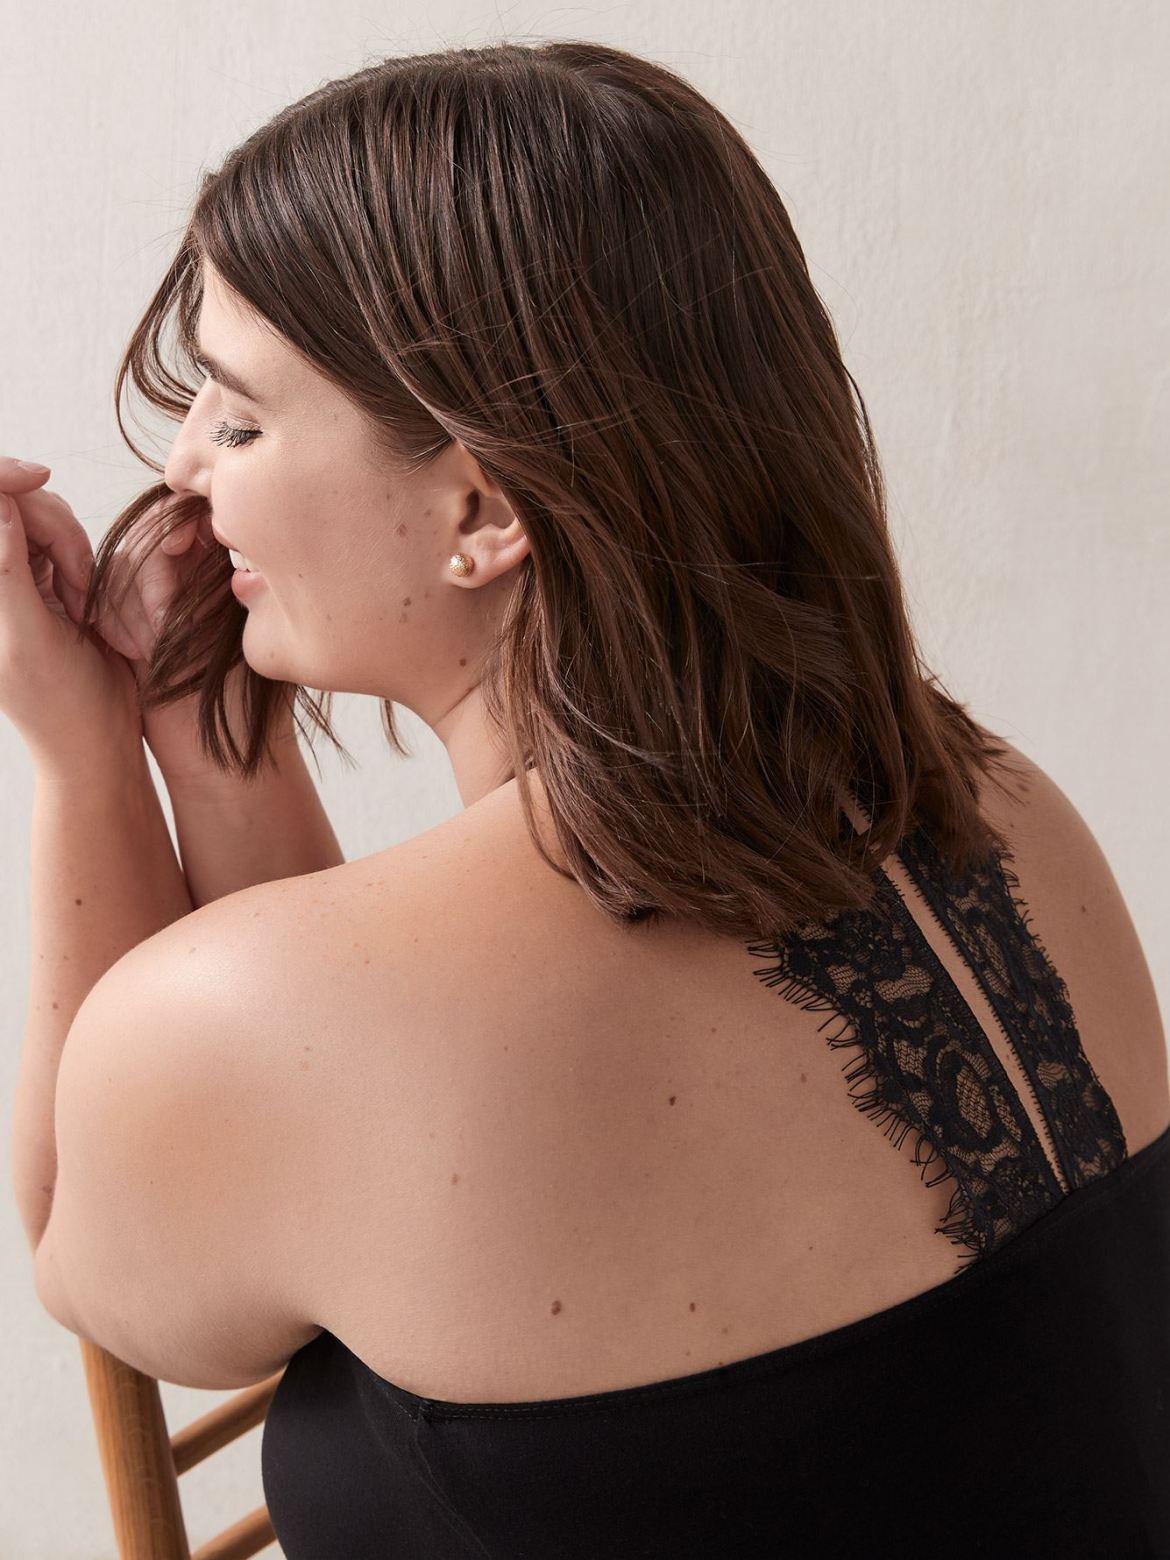 V-Neck Cami With Back Lace Detail - Addition Elle